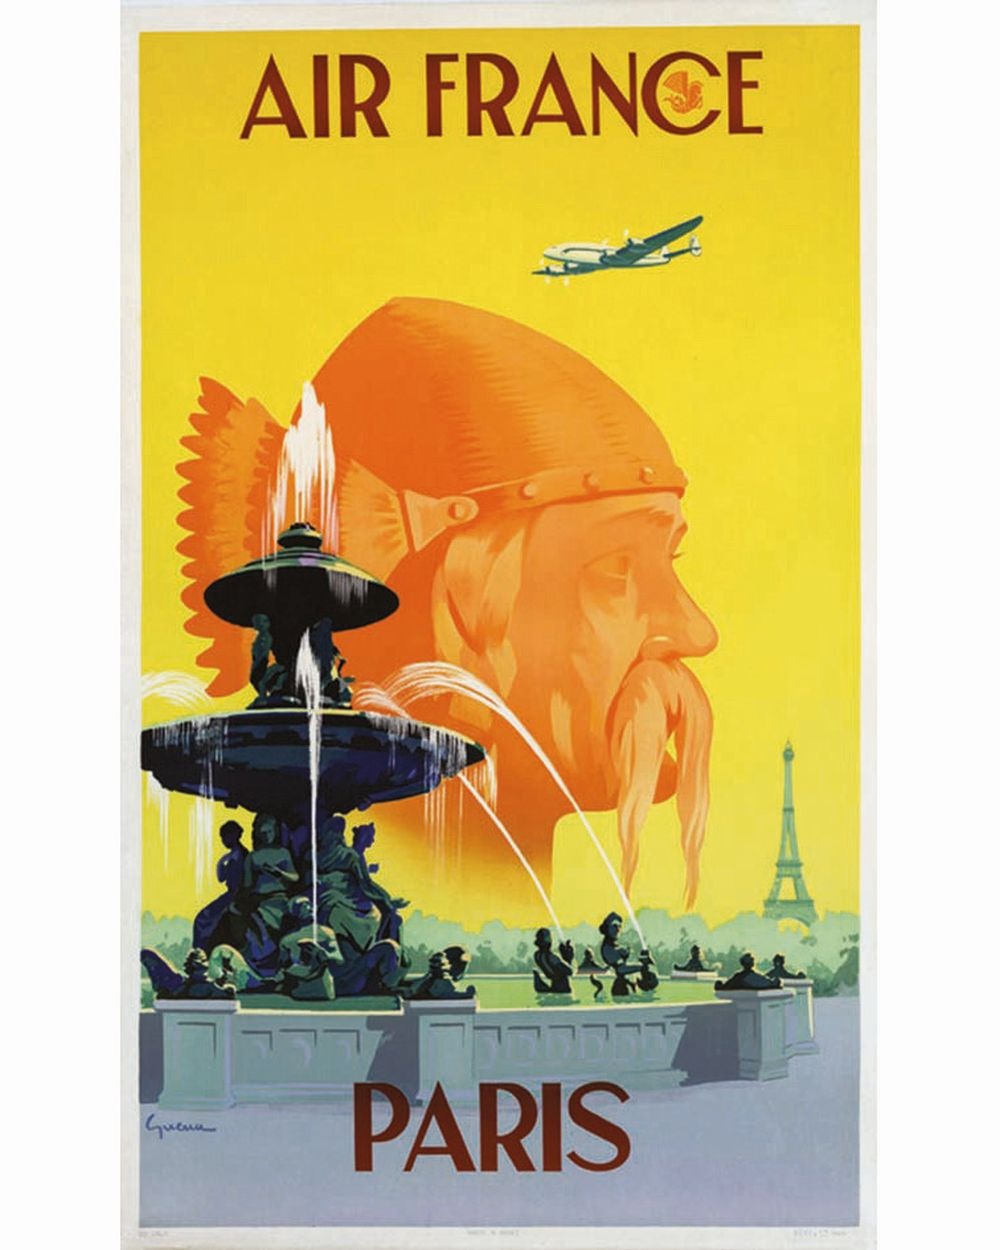 GUERRA - Paris Air France     1951